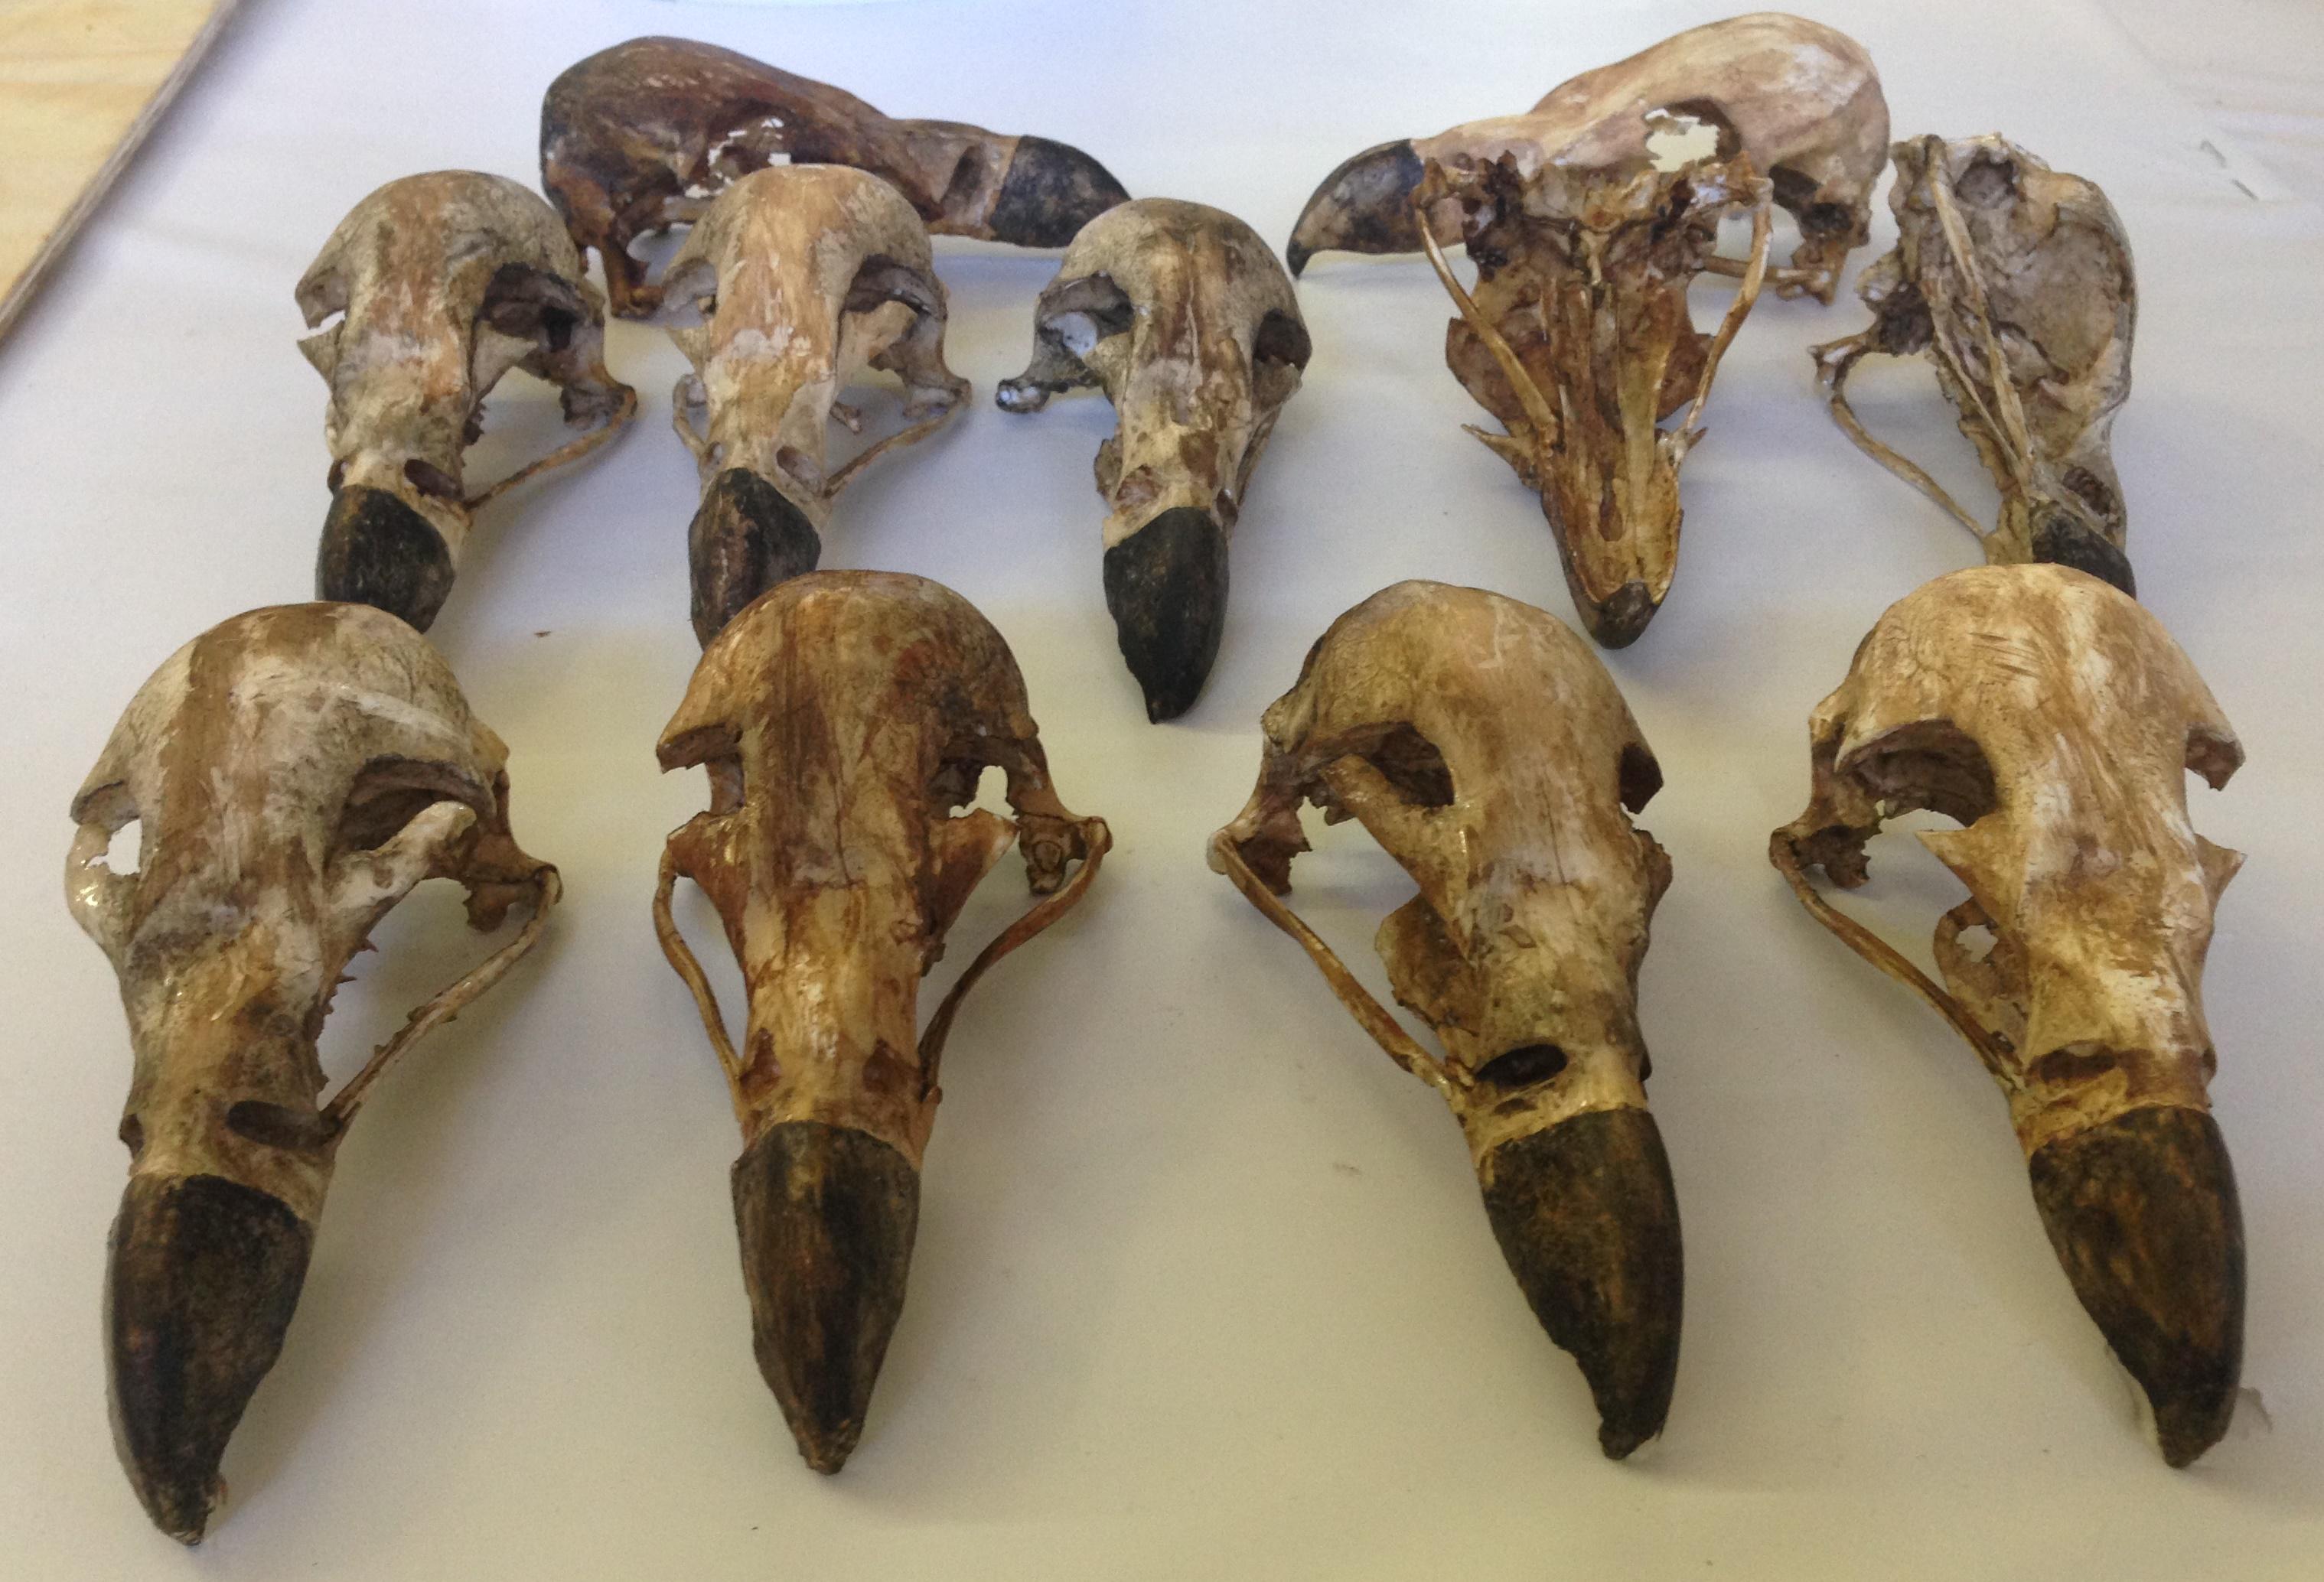 Replica skulls